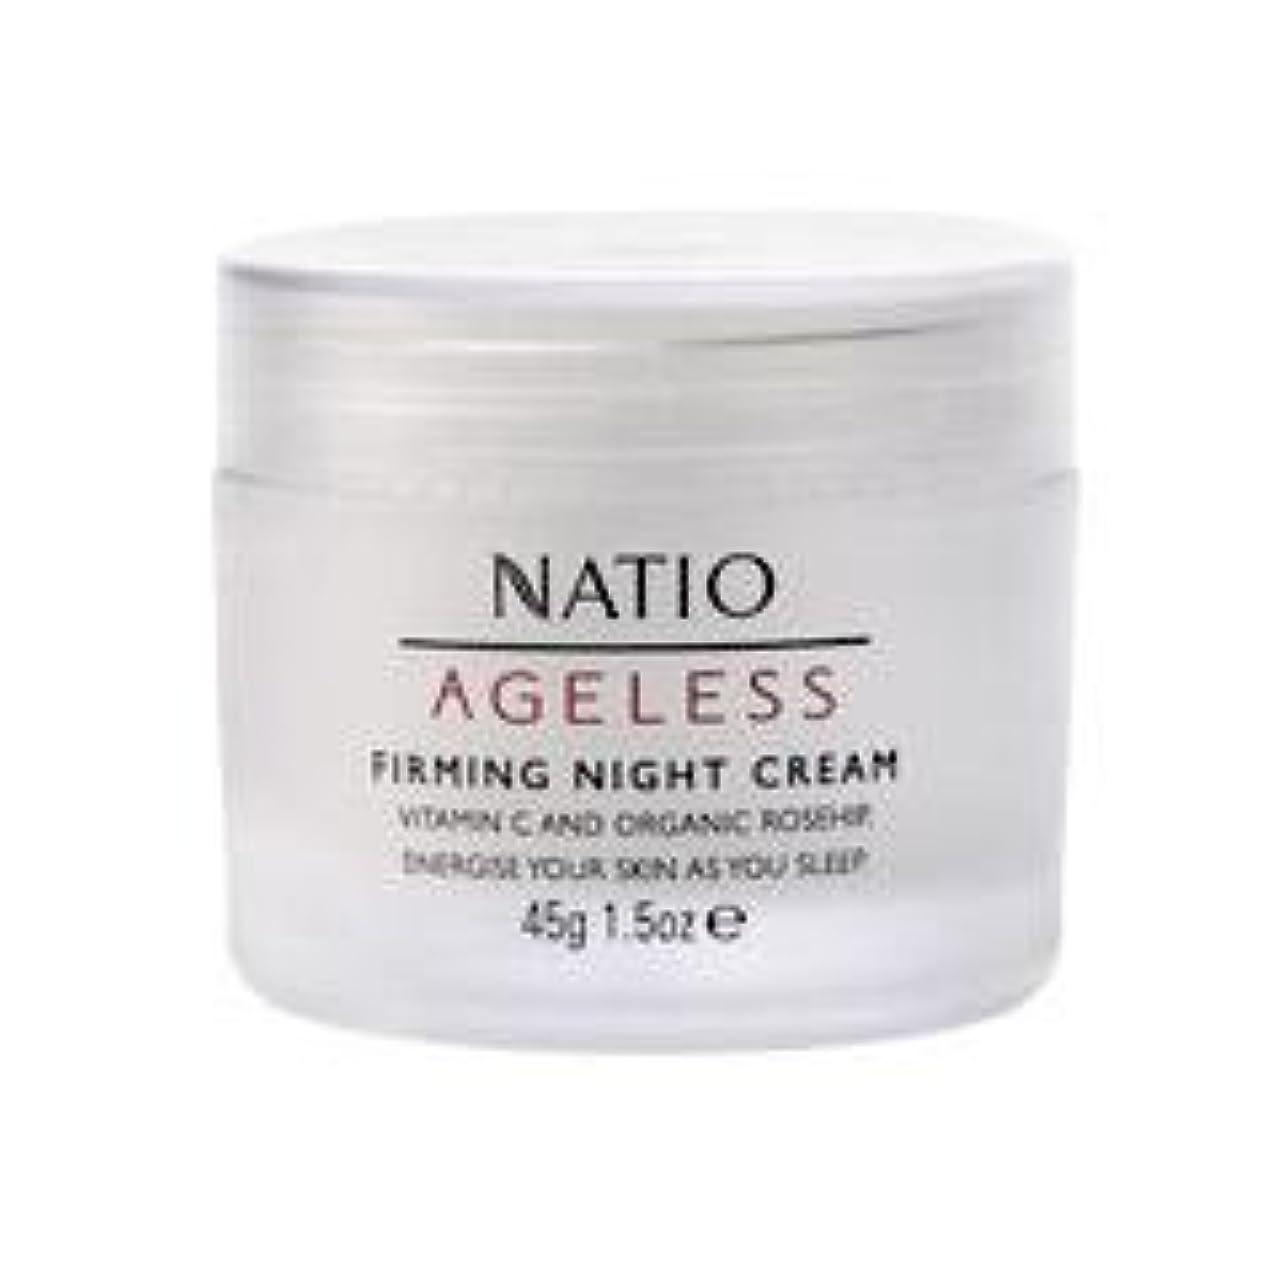 ジャニスコンテンツ交通【NATIO Ageless Firming Night Cream】 ナティオ ナイトクリーム [海外直送品]